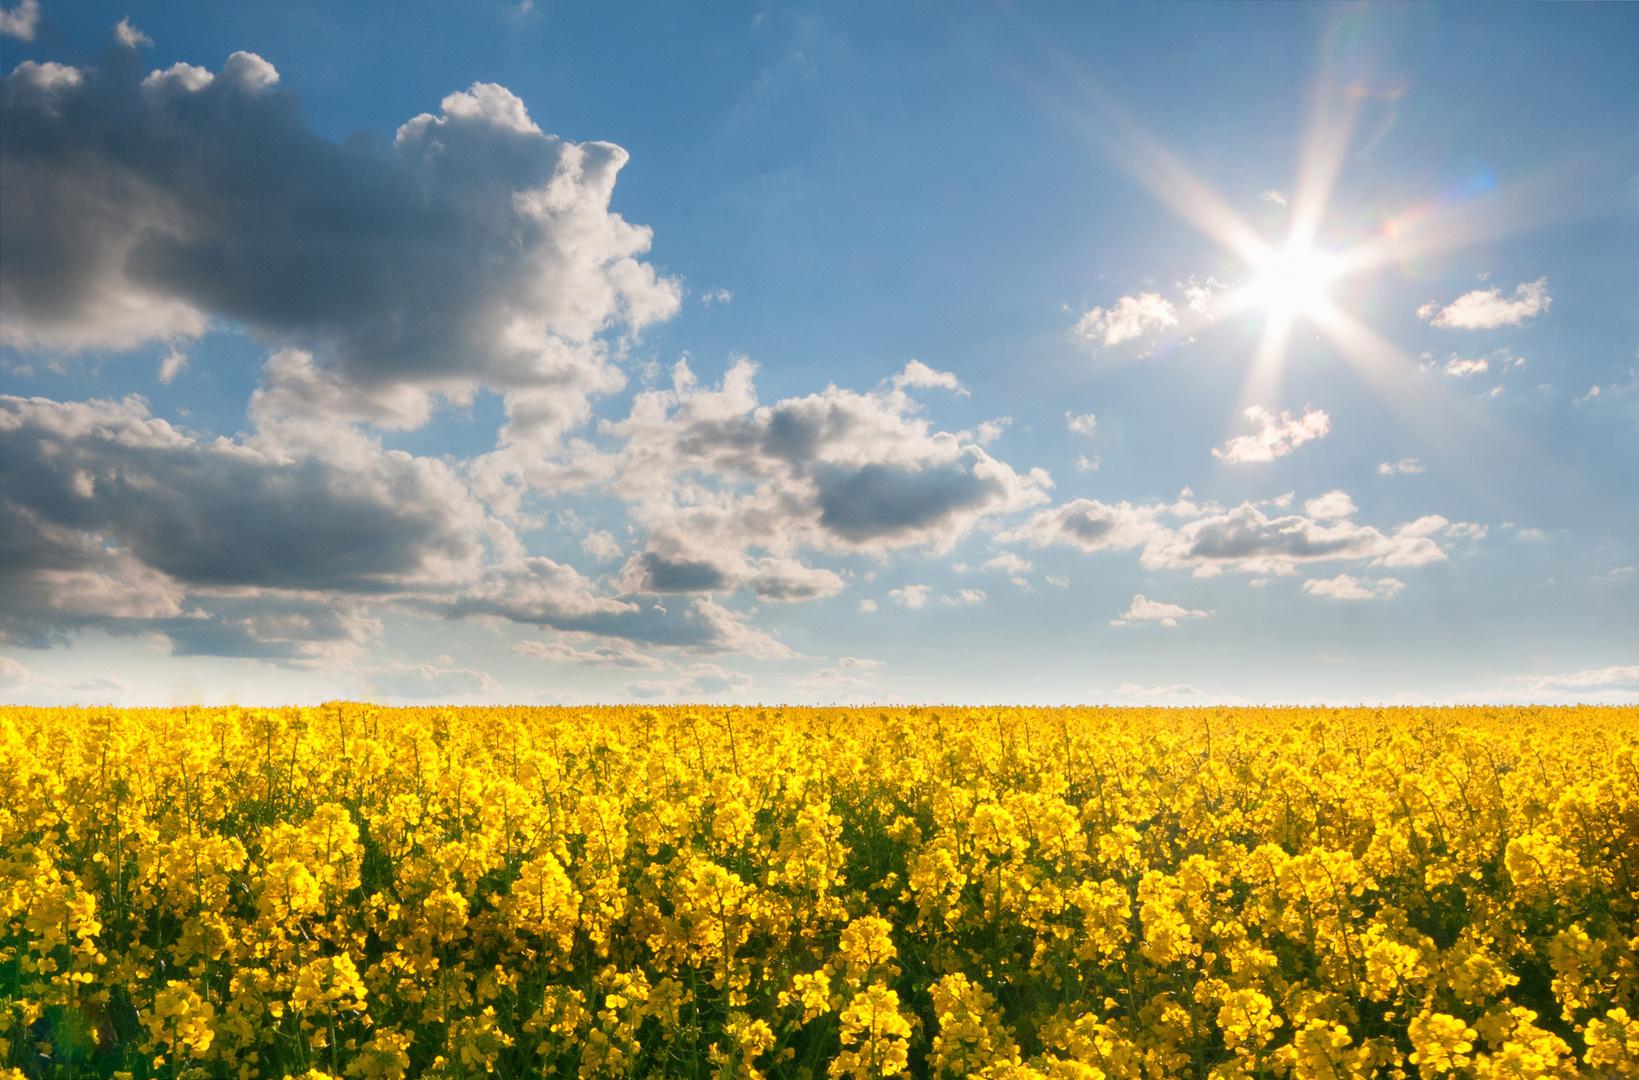 Rapsfeld mit Spannender Wolkenenstimmung